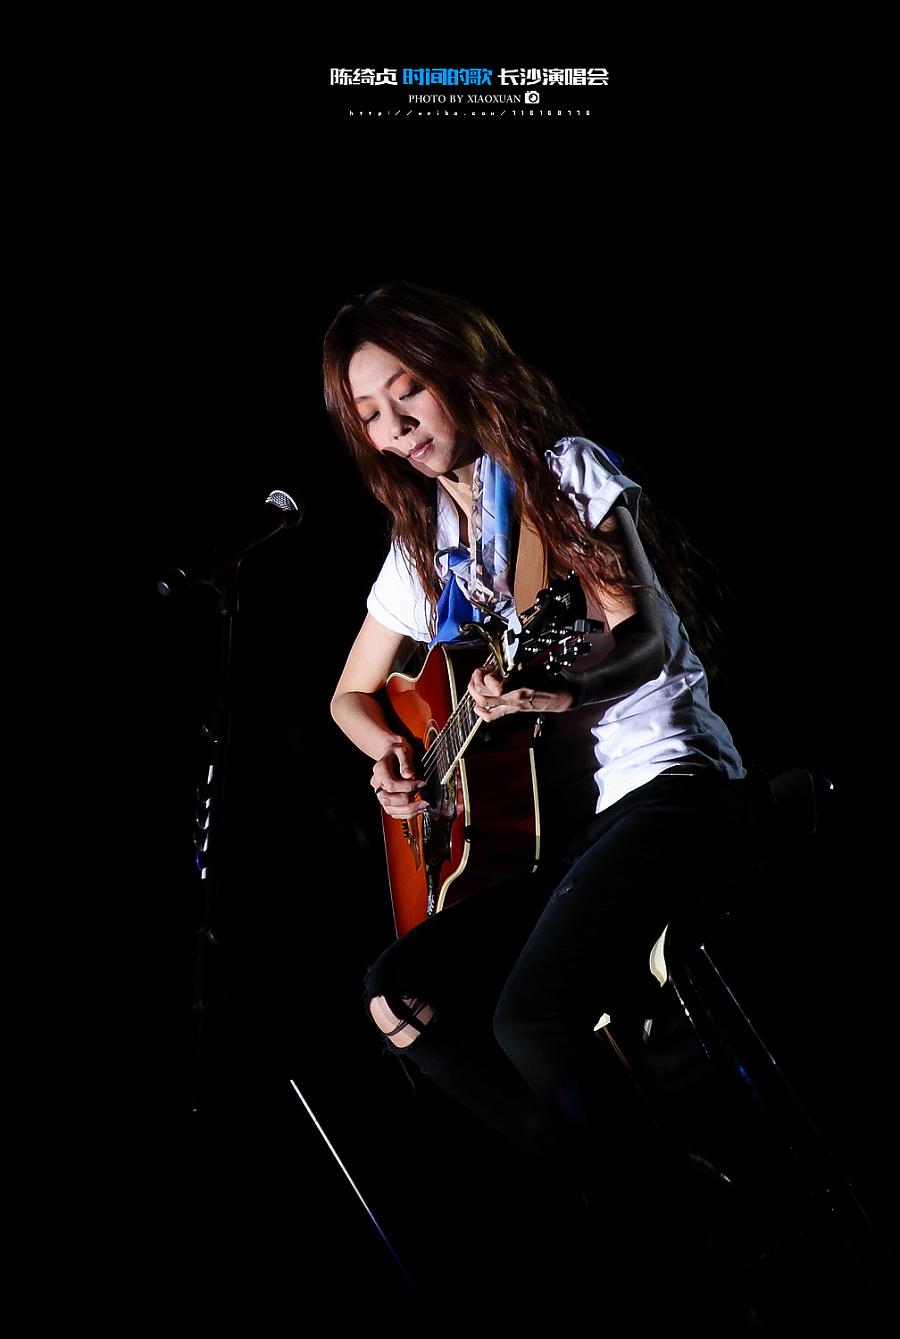 陈绮贞时间的歌_陈绮贞时间的歌2014长沙演唱会归整